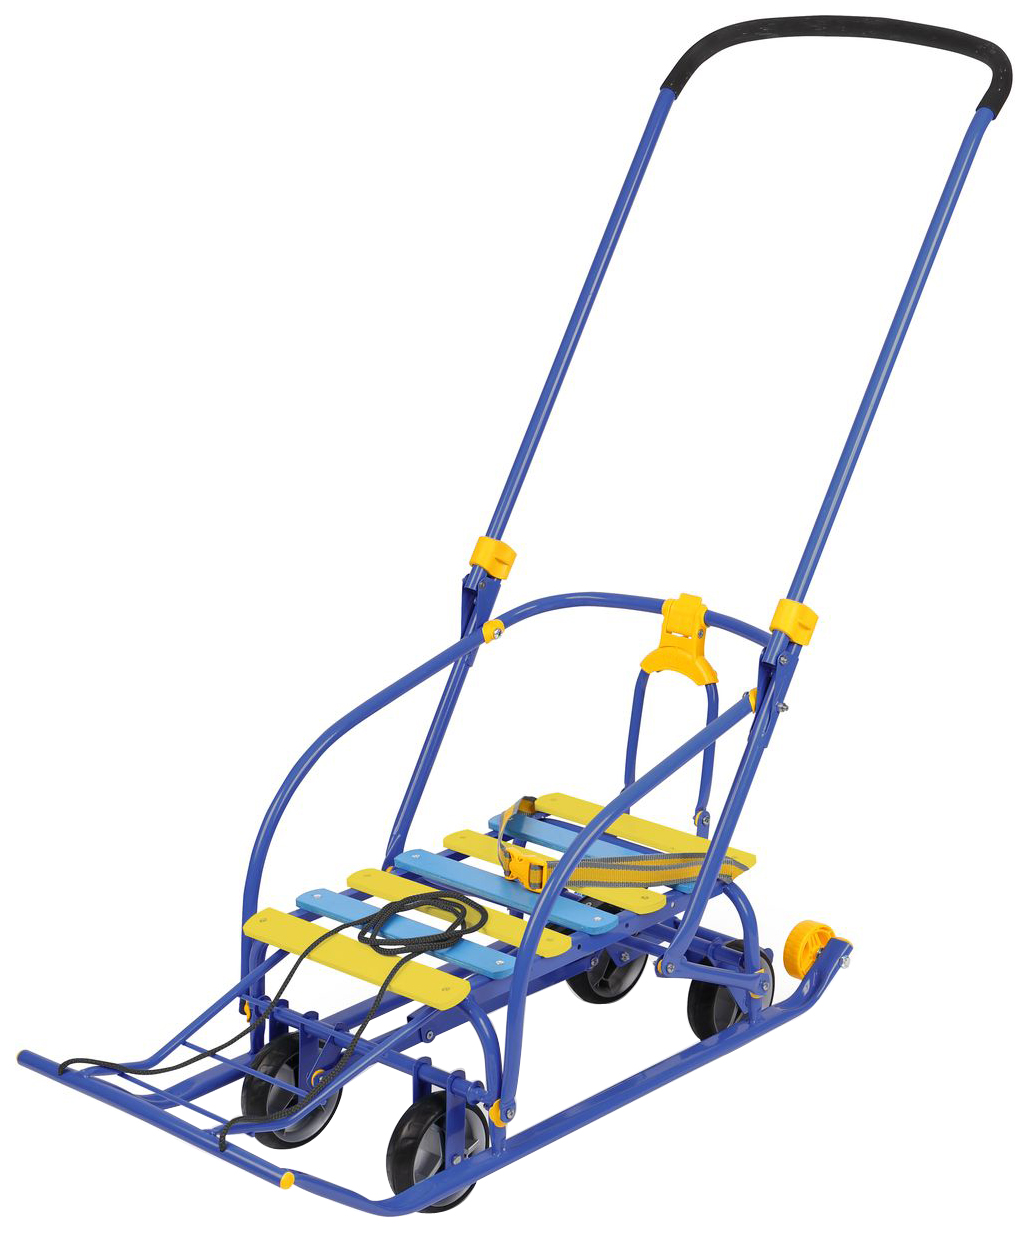 Санки Nika Nikki 3 механизм выдвижных колесных шасси N3/С Синий фото